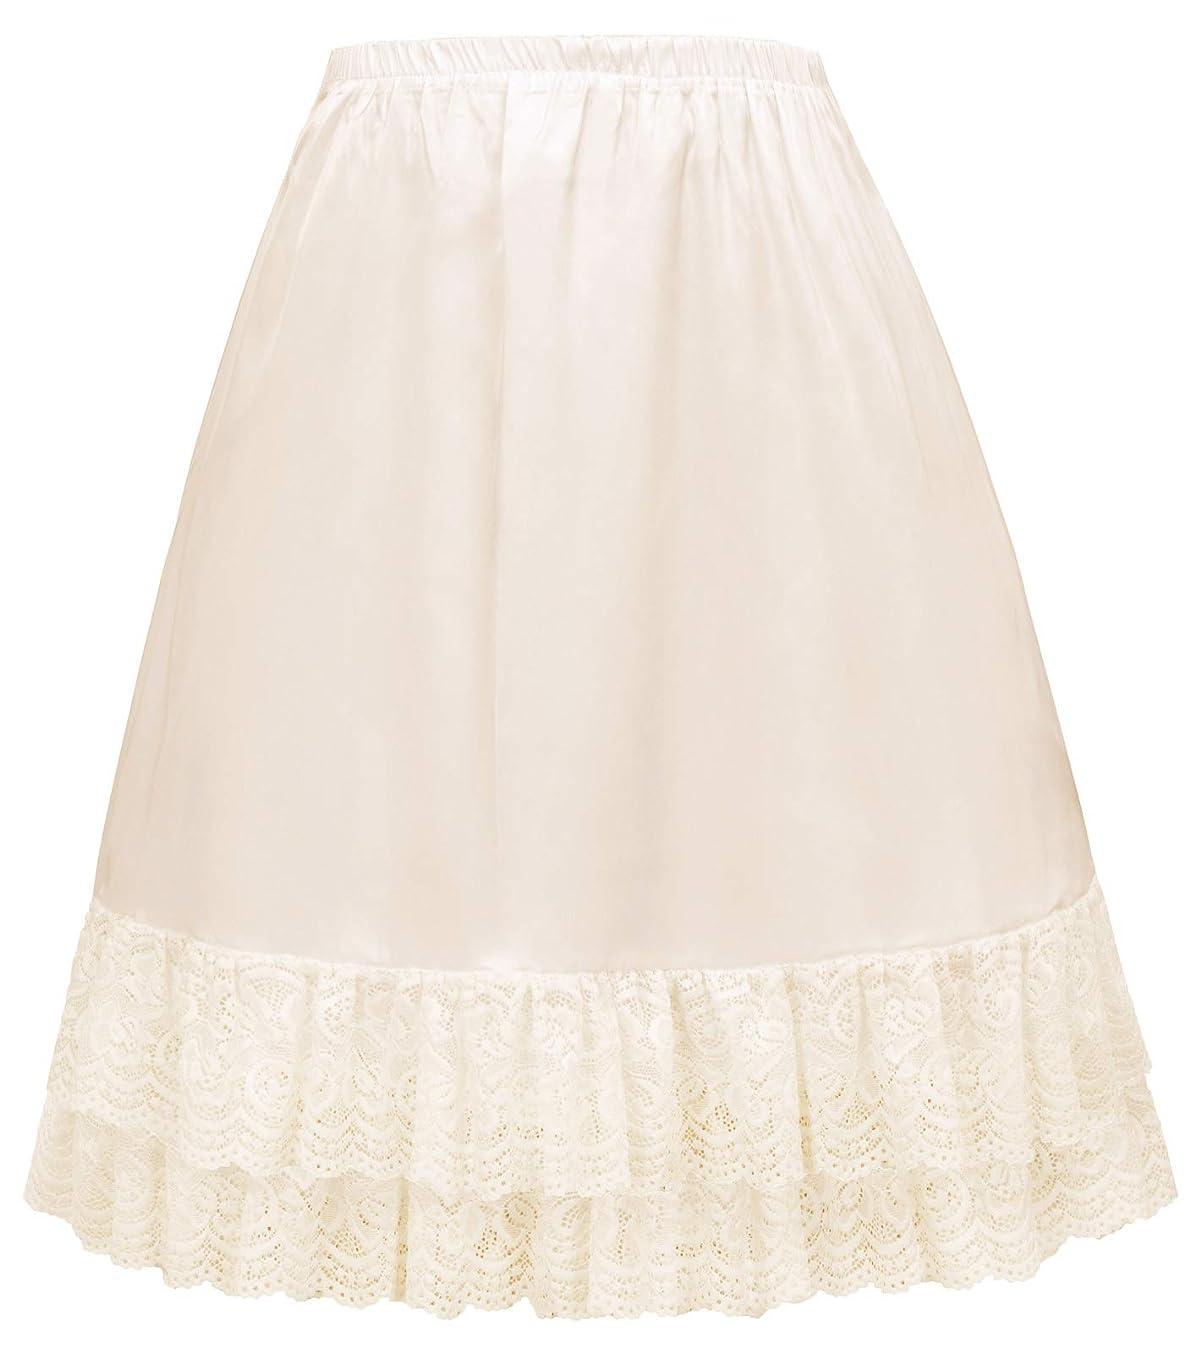 GRACE KARIN Satin Half Slip Lace Hem Dress Skirt Extender Crinoline Underskirt